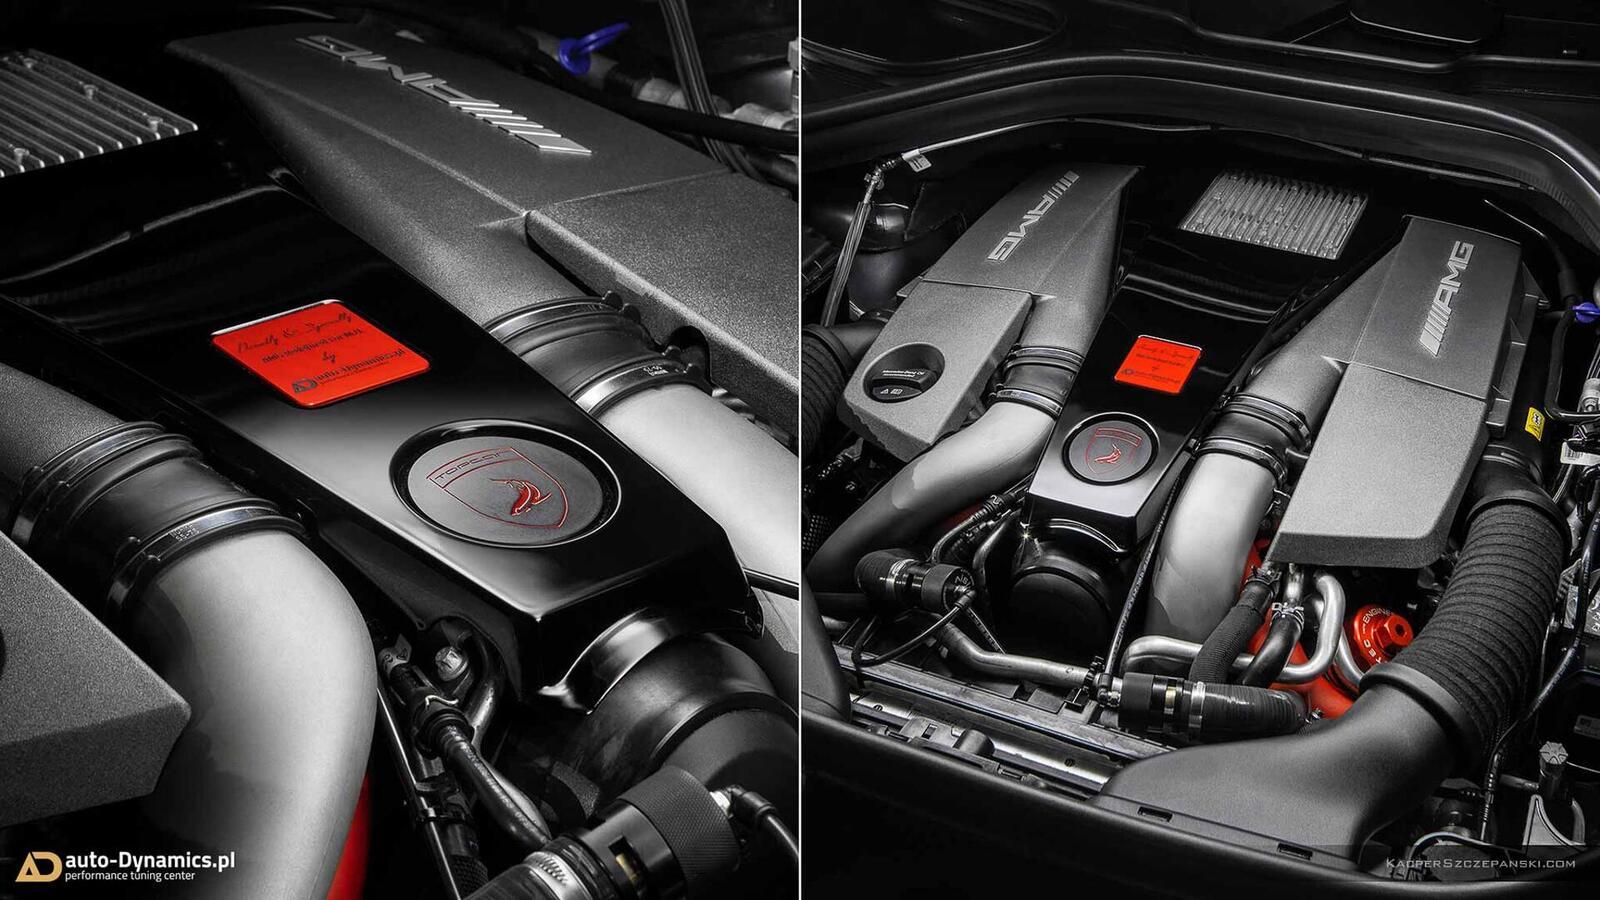 Mercedes-AMG GLE 63 S Coupe độ công suất lên 795 mã lực; tăng tốc 0-100 km/h trong 3,25 giây - Hình 17